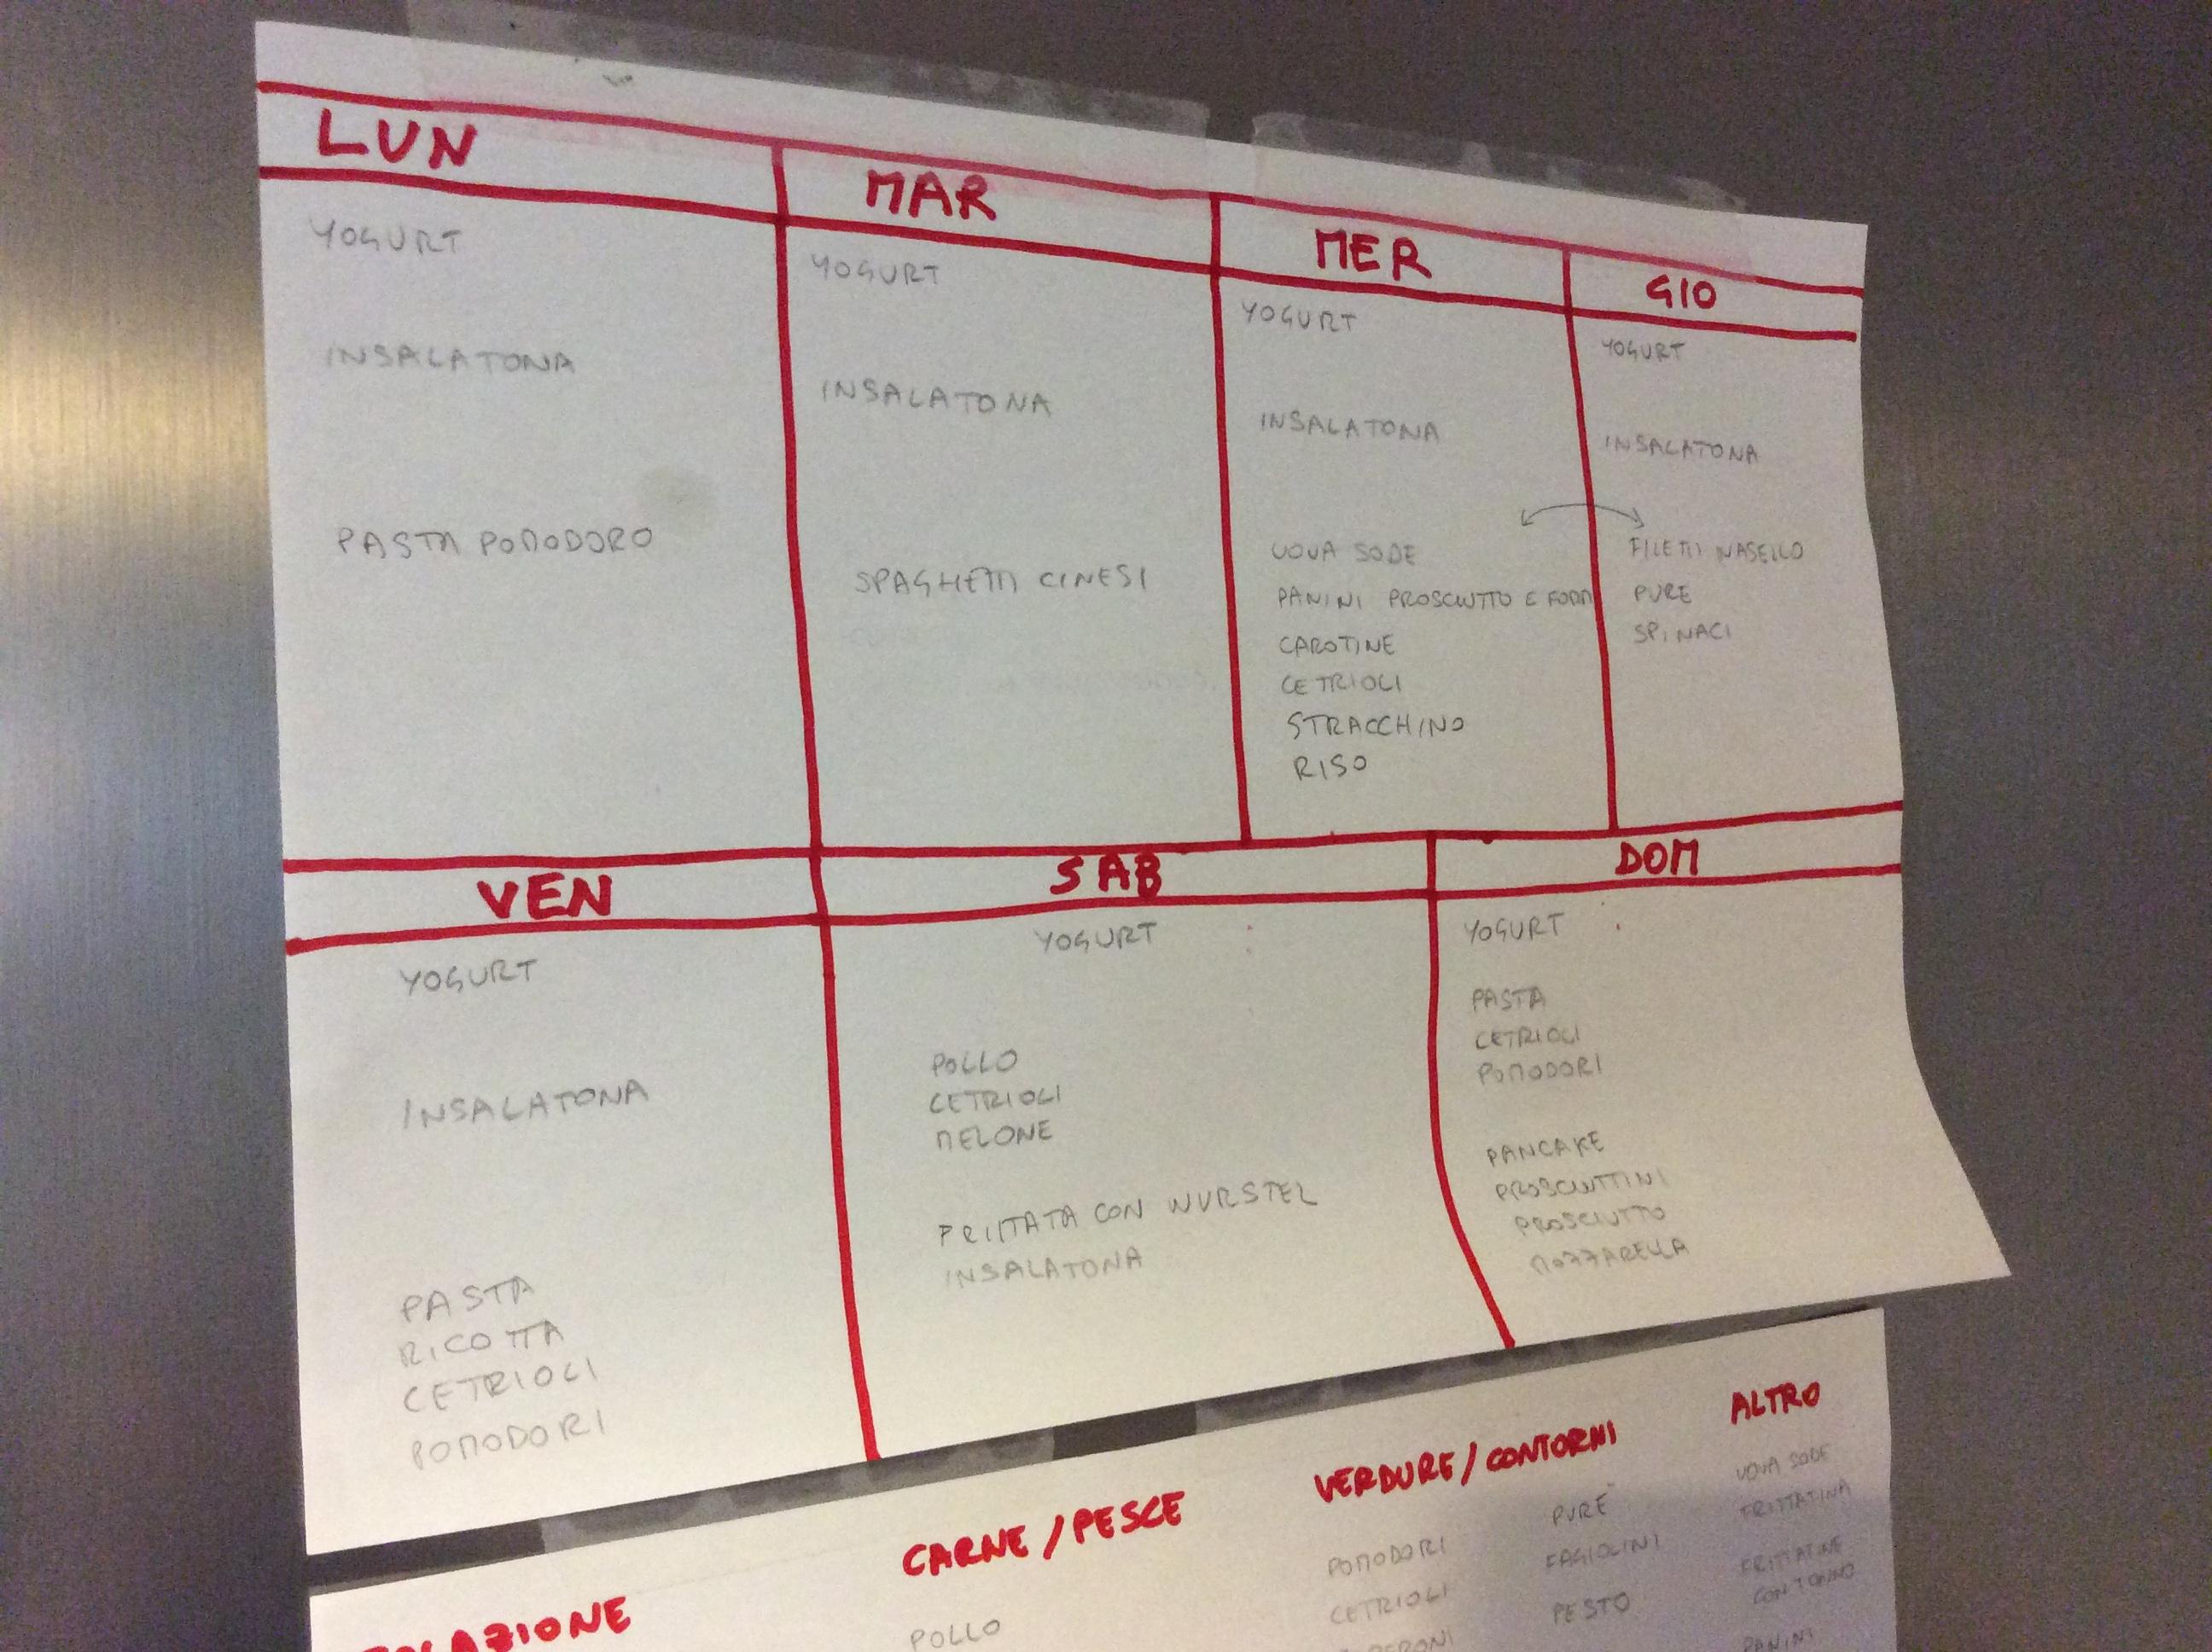 Come Organizzare I Pasti Settimanali come organizzare un menu settimanale - un metodo pratico